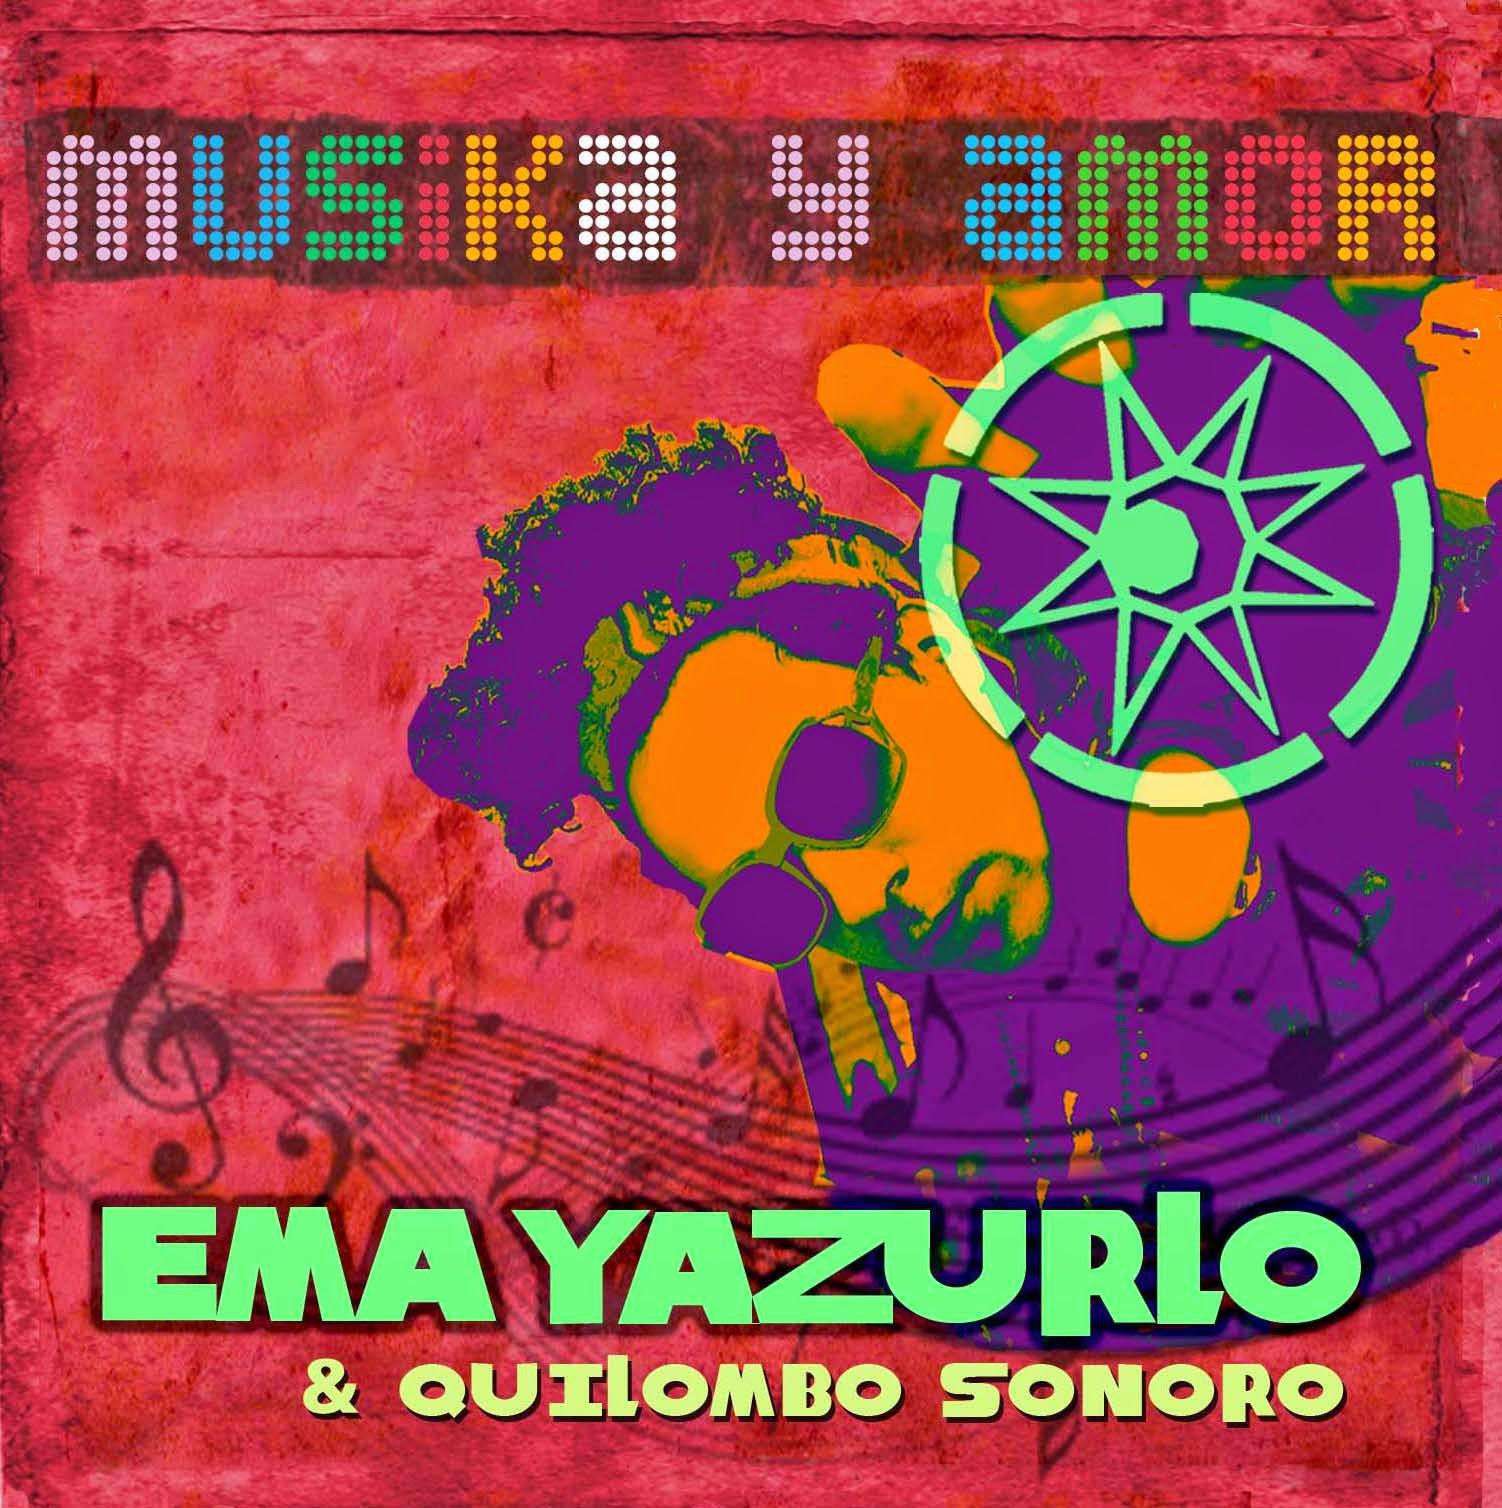 EMA YAZURLO & QUILOMBO SONORO - Músika y Amor